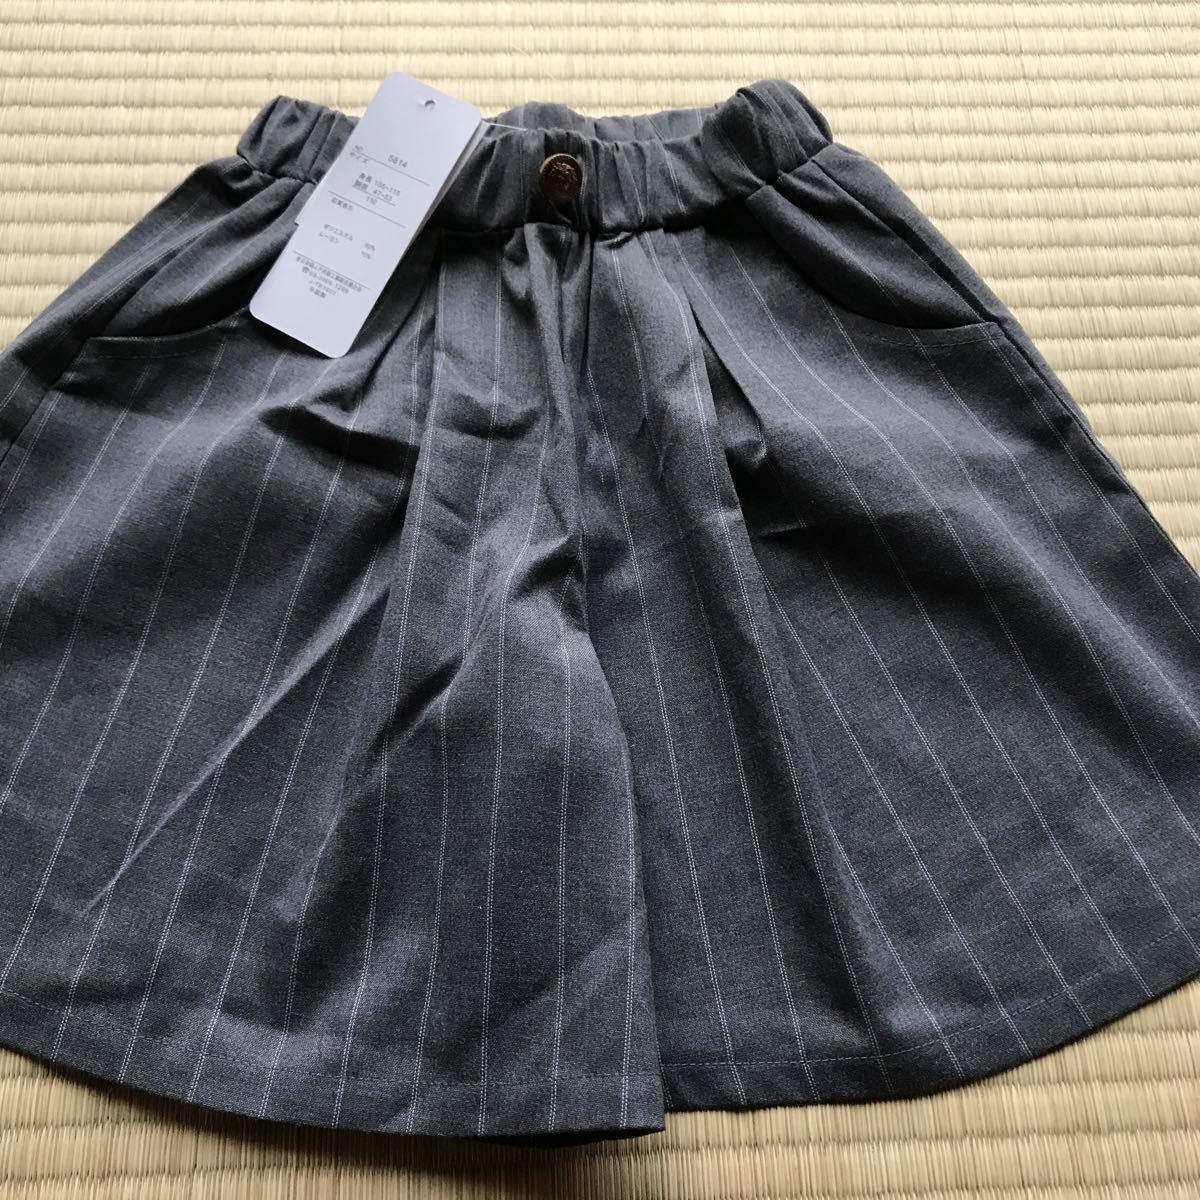 新品 110サイズ 美品 未使用品 ズボン パンツ ズボン ボトムス 短パン グレー 半ズボン ショートパンツ_画像2